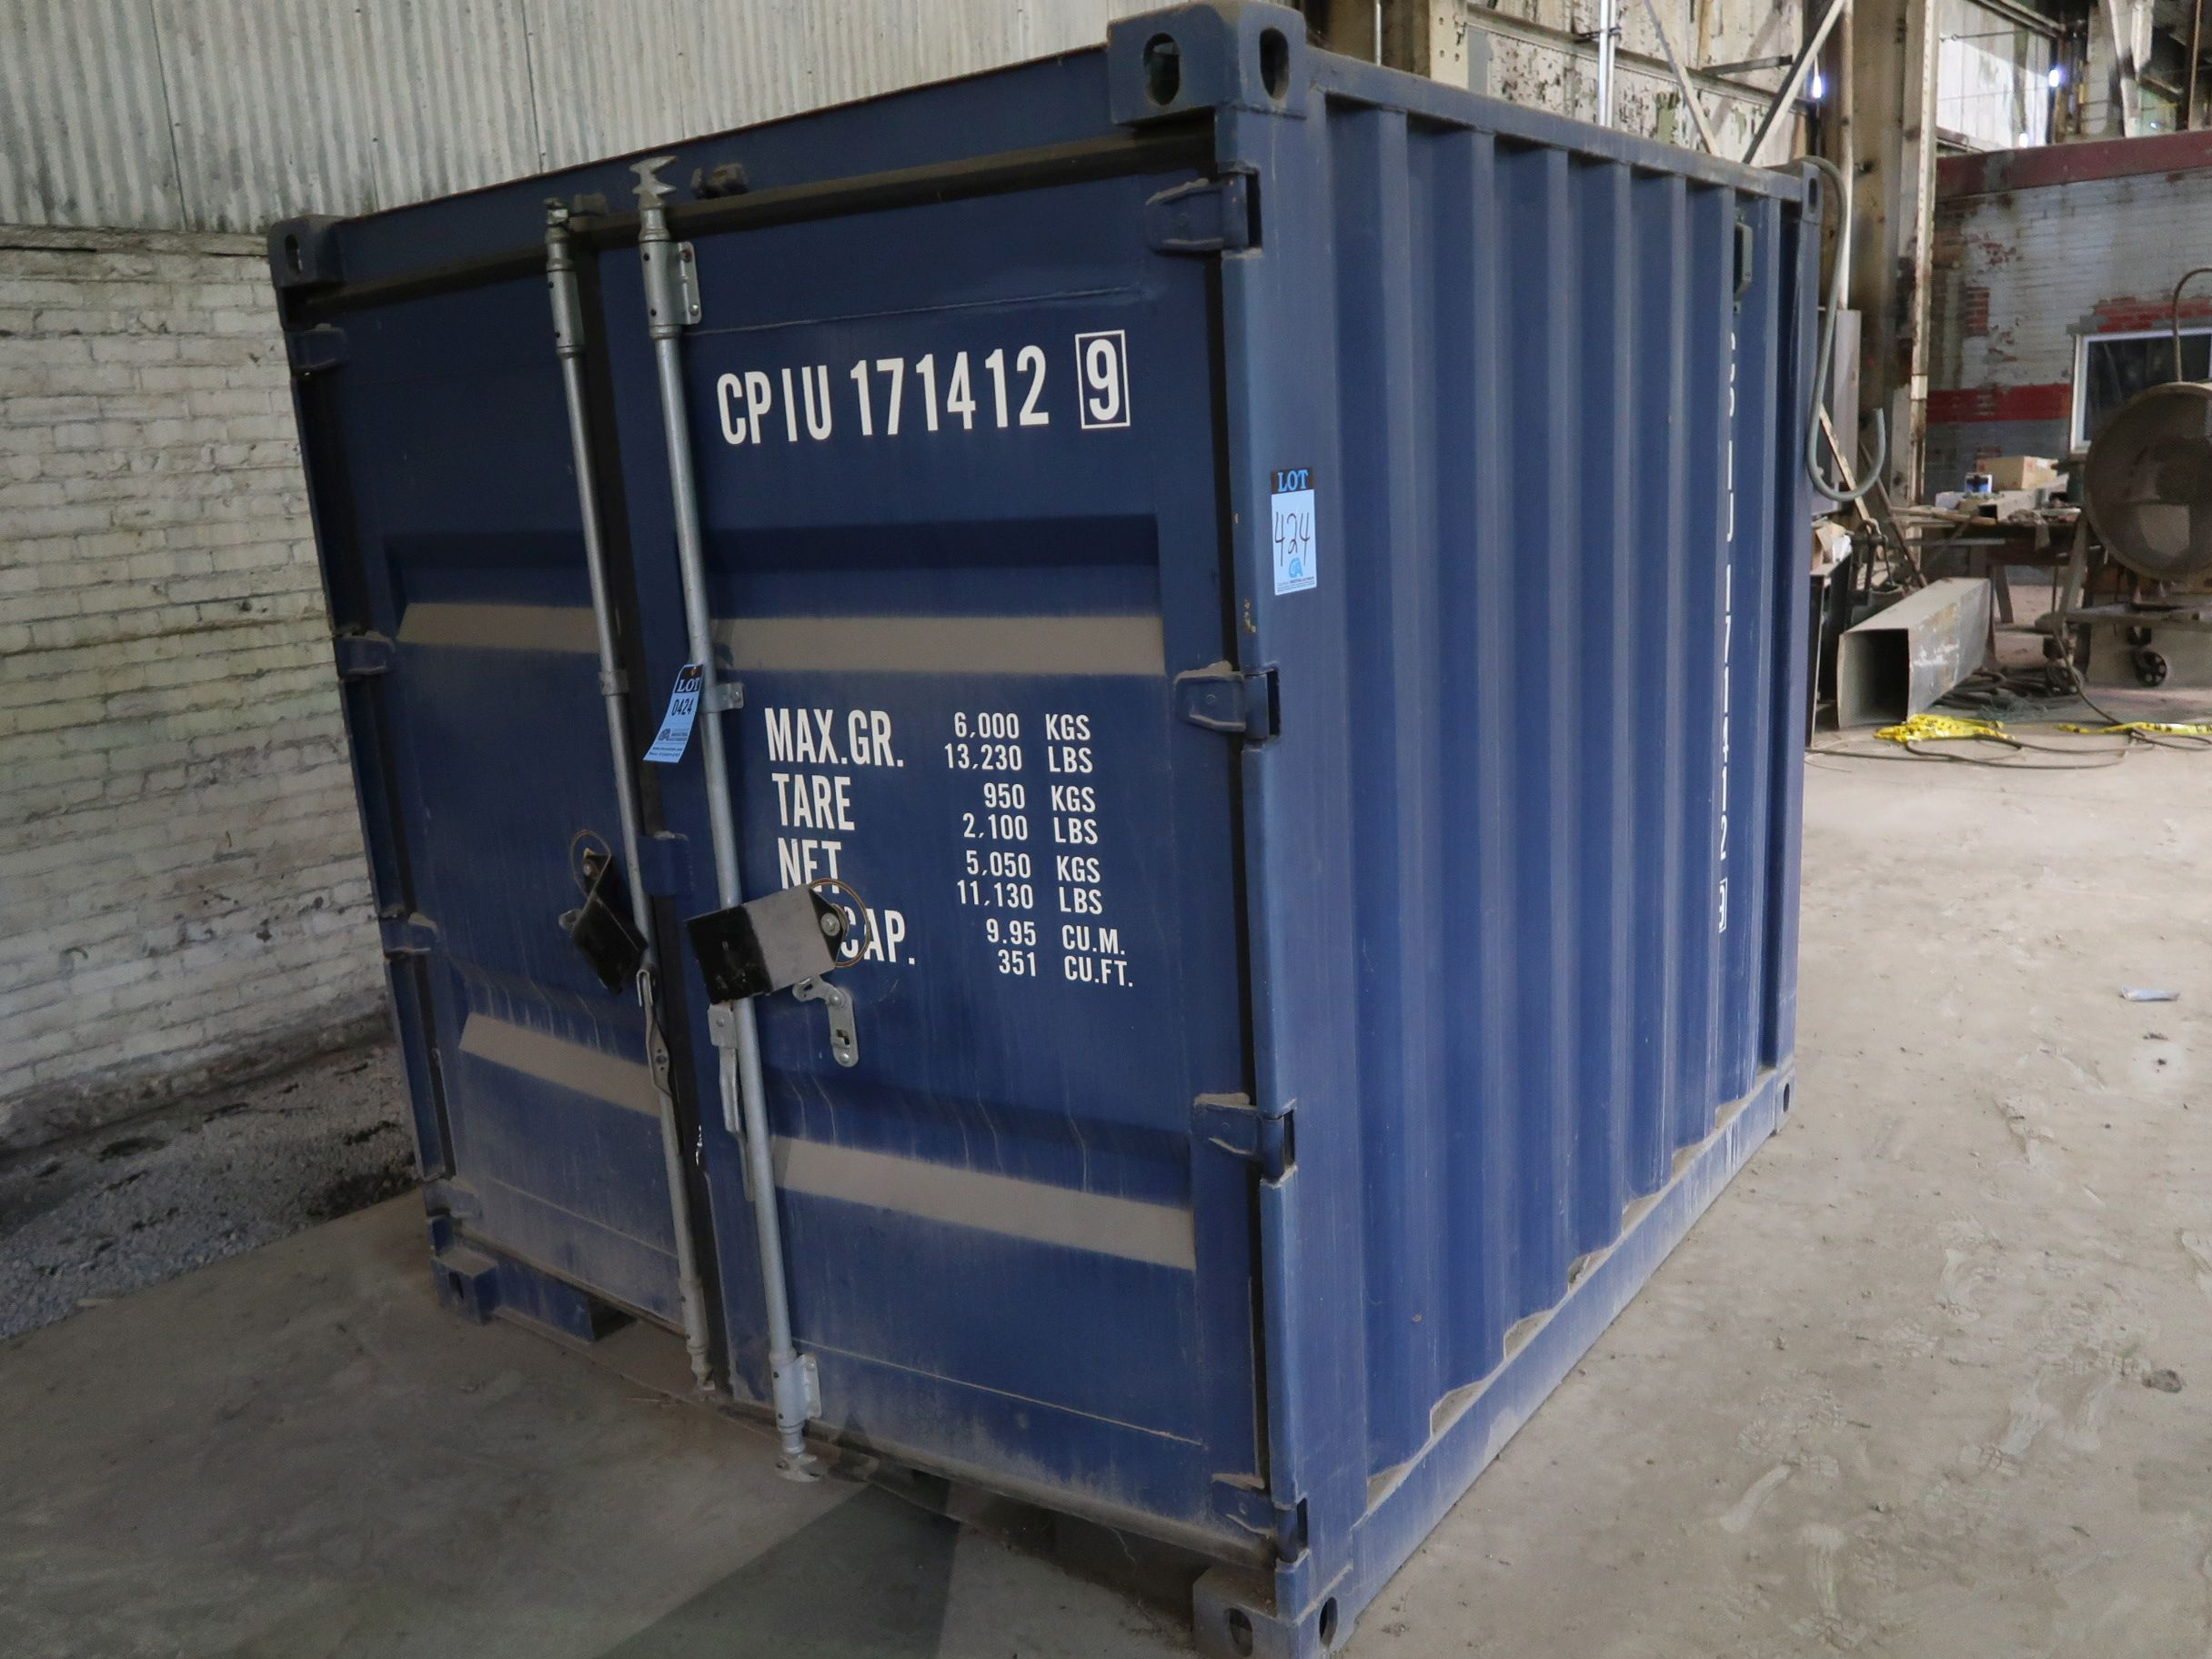 Lot 424 - 7' X 8' CONEX CONTAINER, 351 CU. FT.